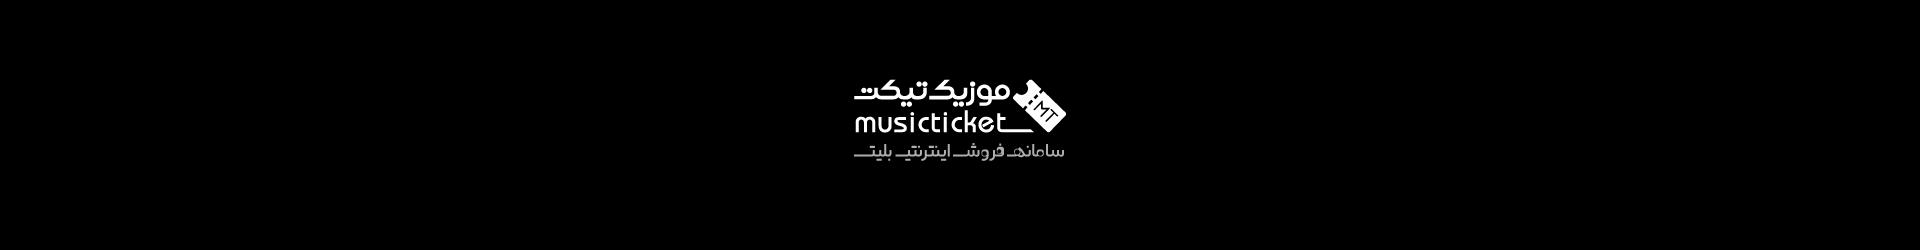 موزیک تیکت | سامانه فروش اینترنتی بلیت